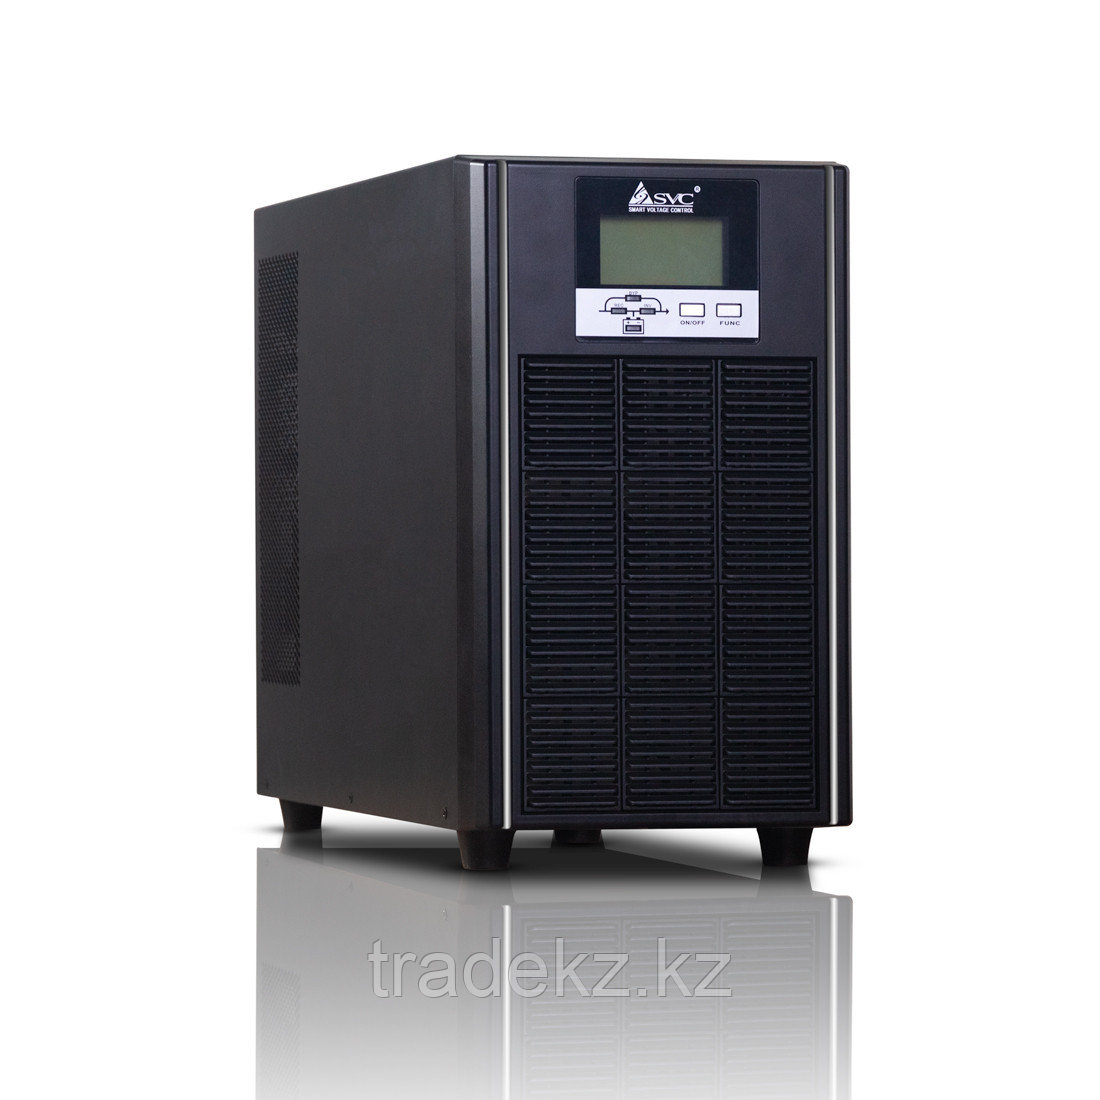 Трехфазный источник бесперебойного питания SVC GT31-10KVA